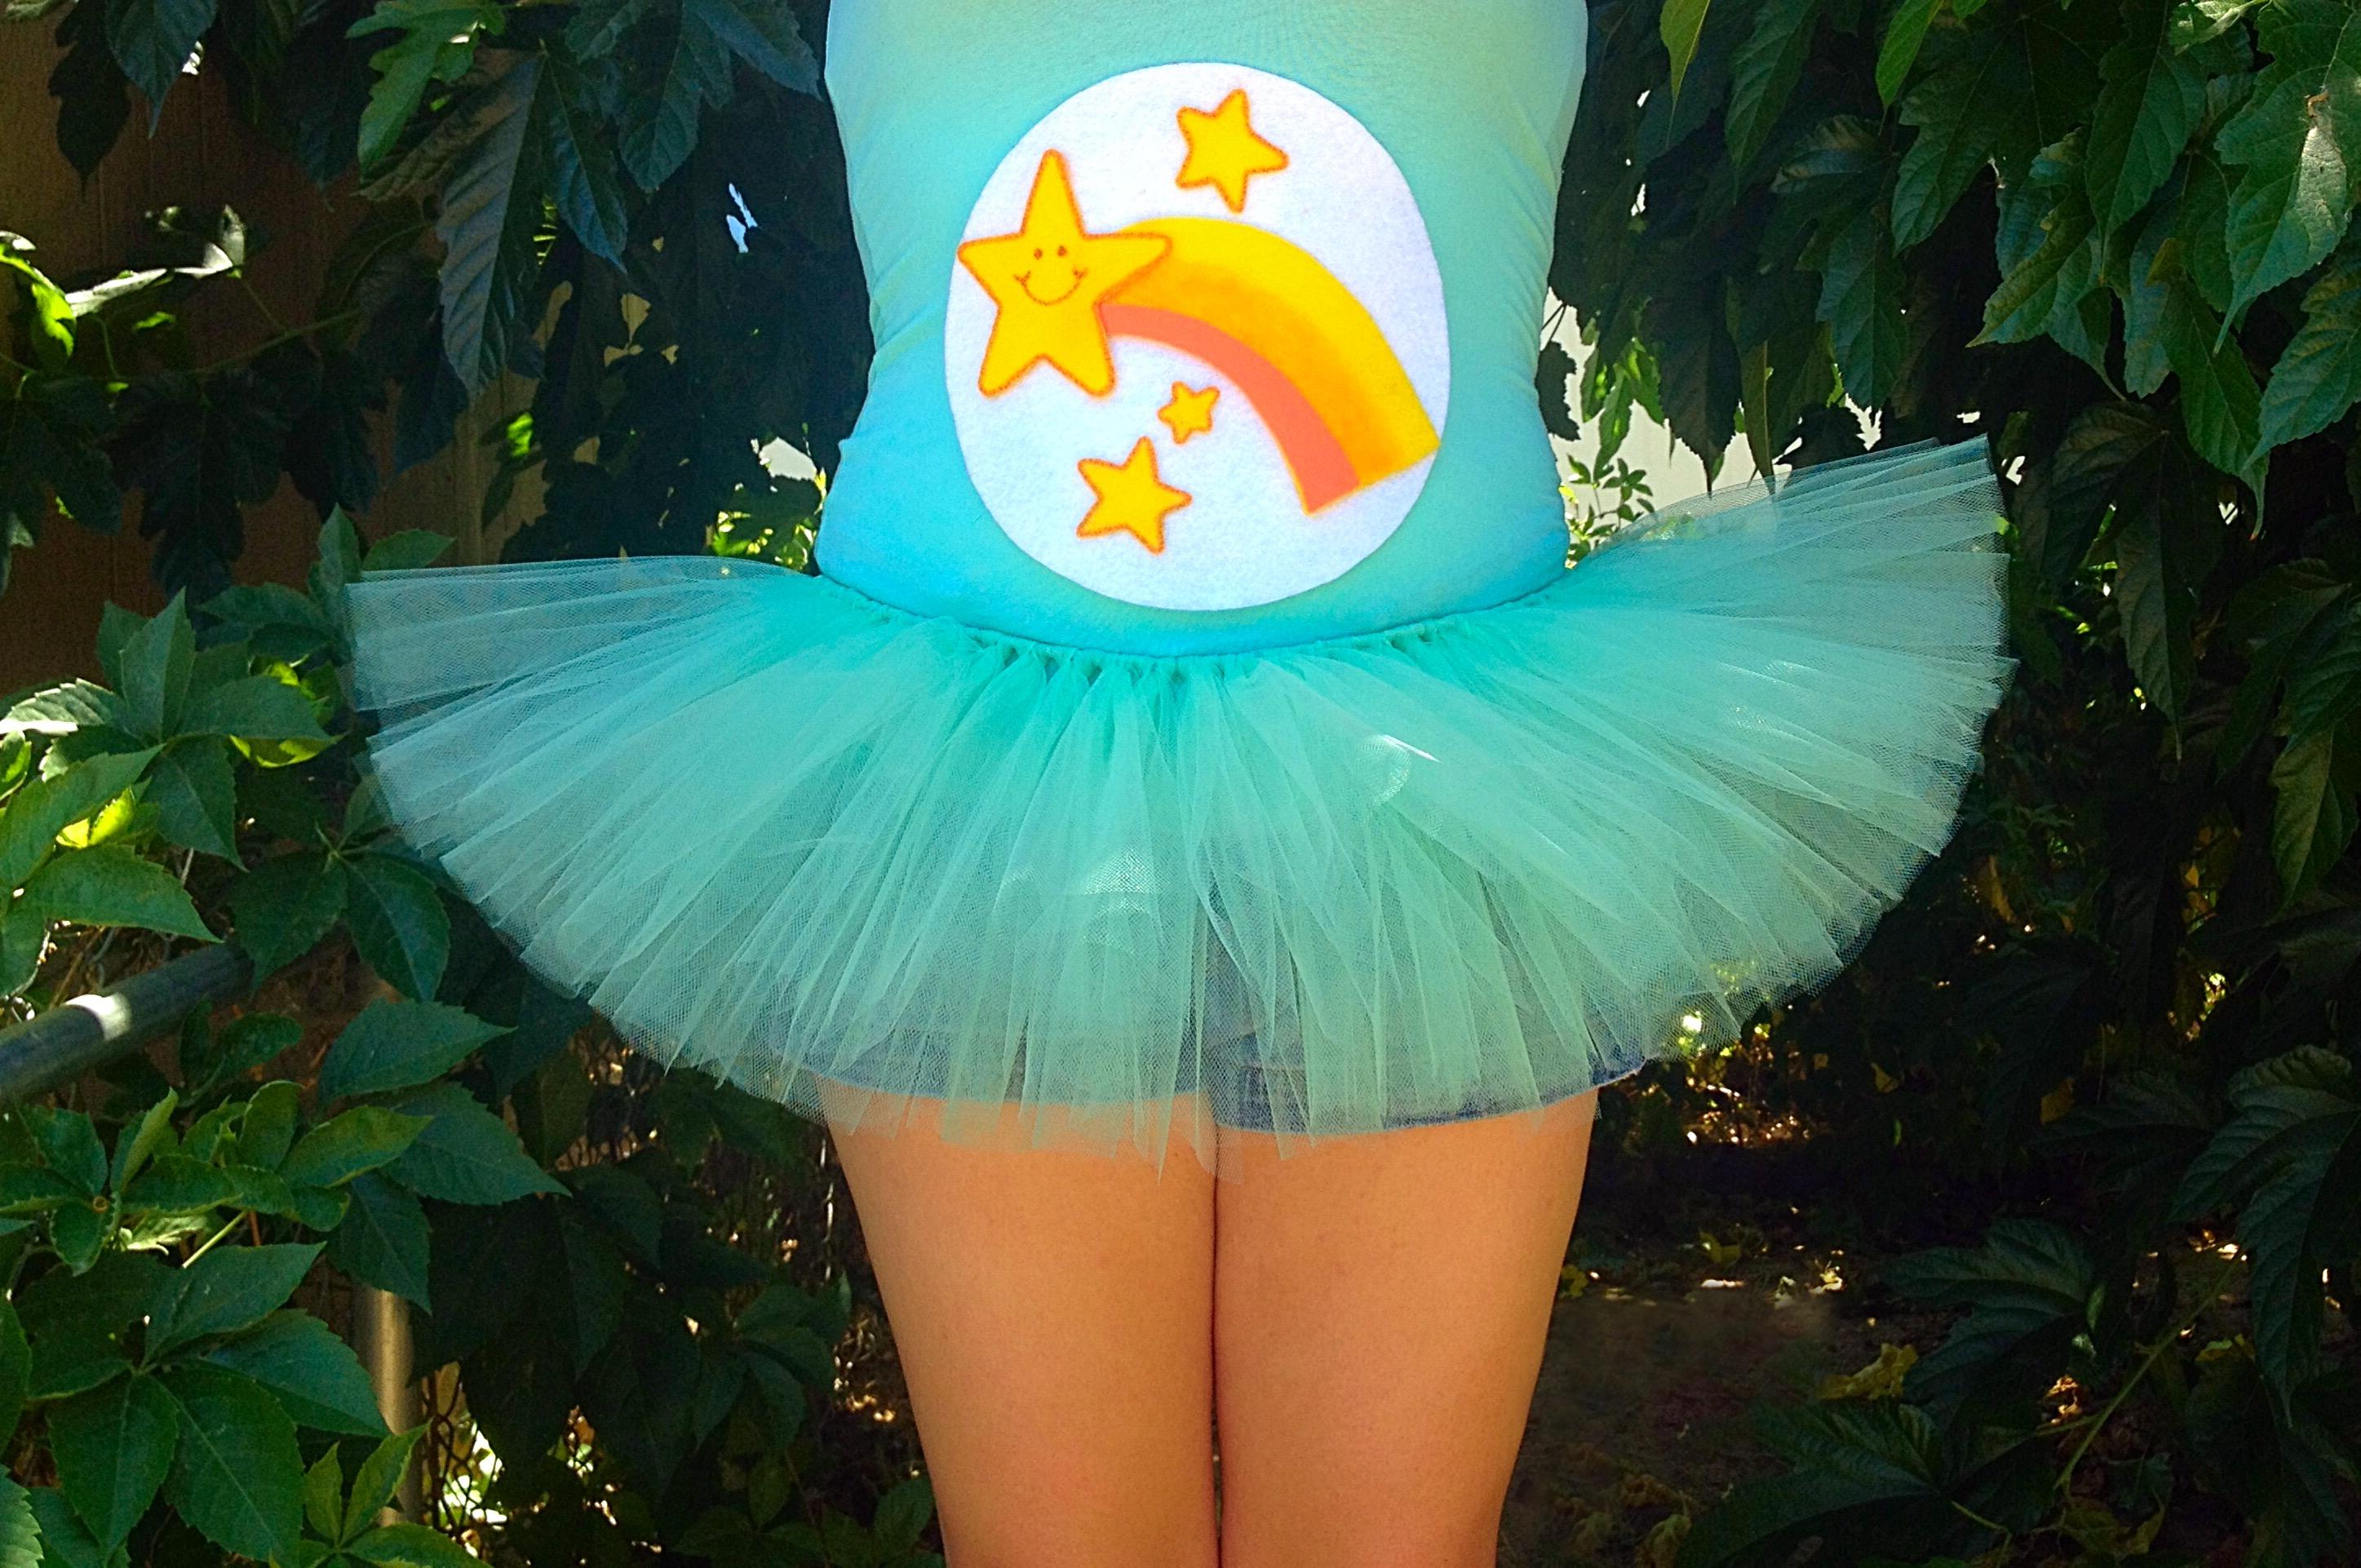 wish_original - Wish Halloween Costumes